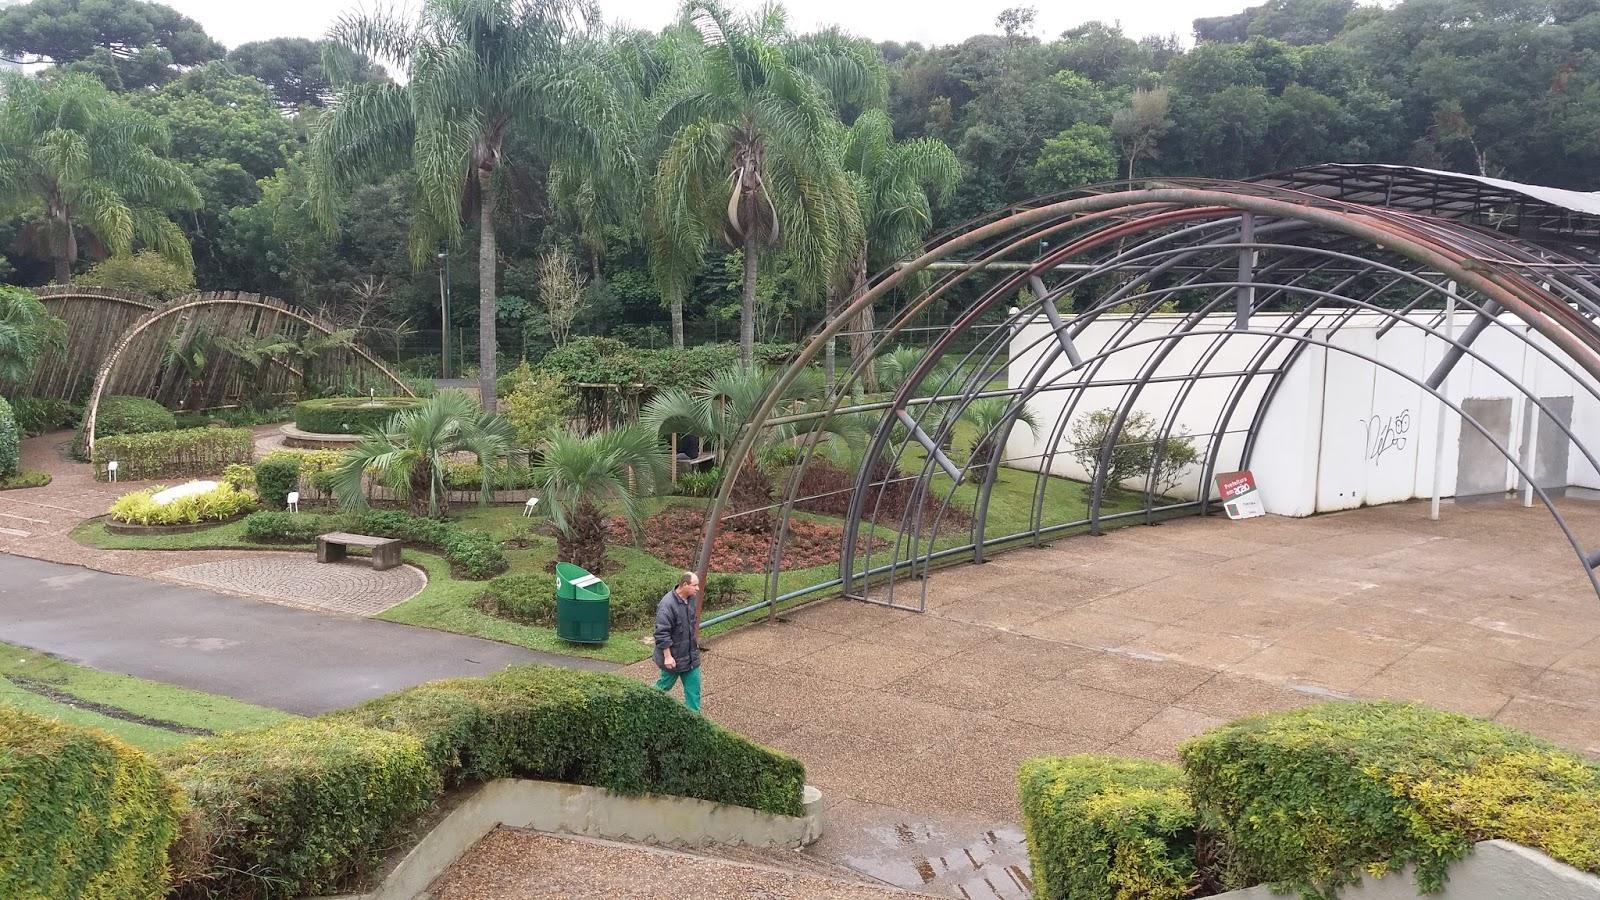 mesa jardim curitiba:Arquitetando Na Net: Jardim Botânico – Curitiba / Paraná (Brasil)